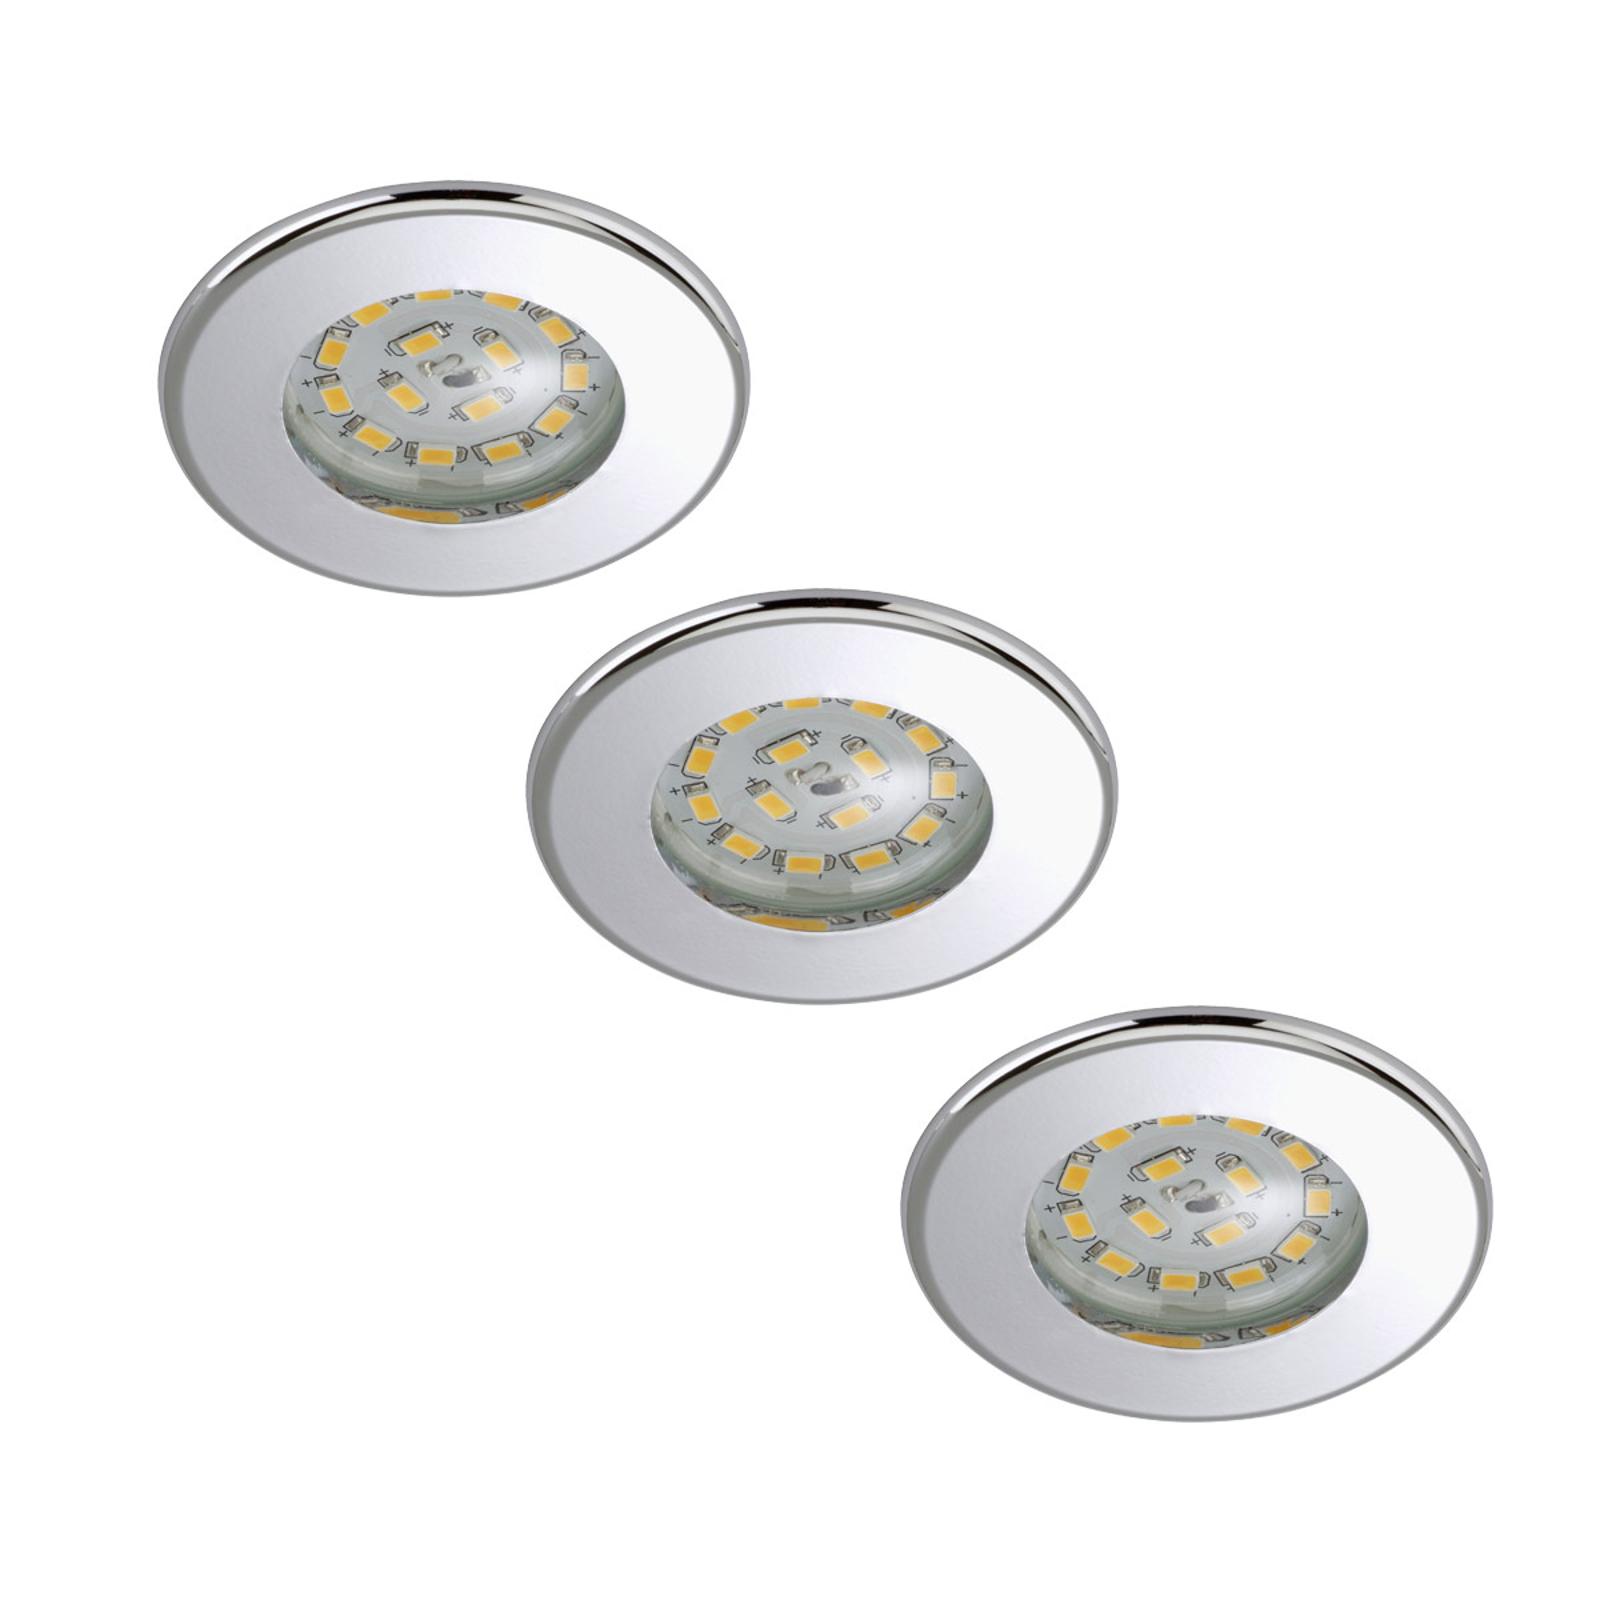 Zestaw 3 szt. reflektor LED Nikas IP44 chrom